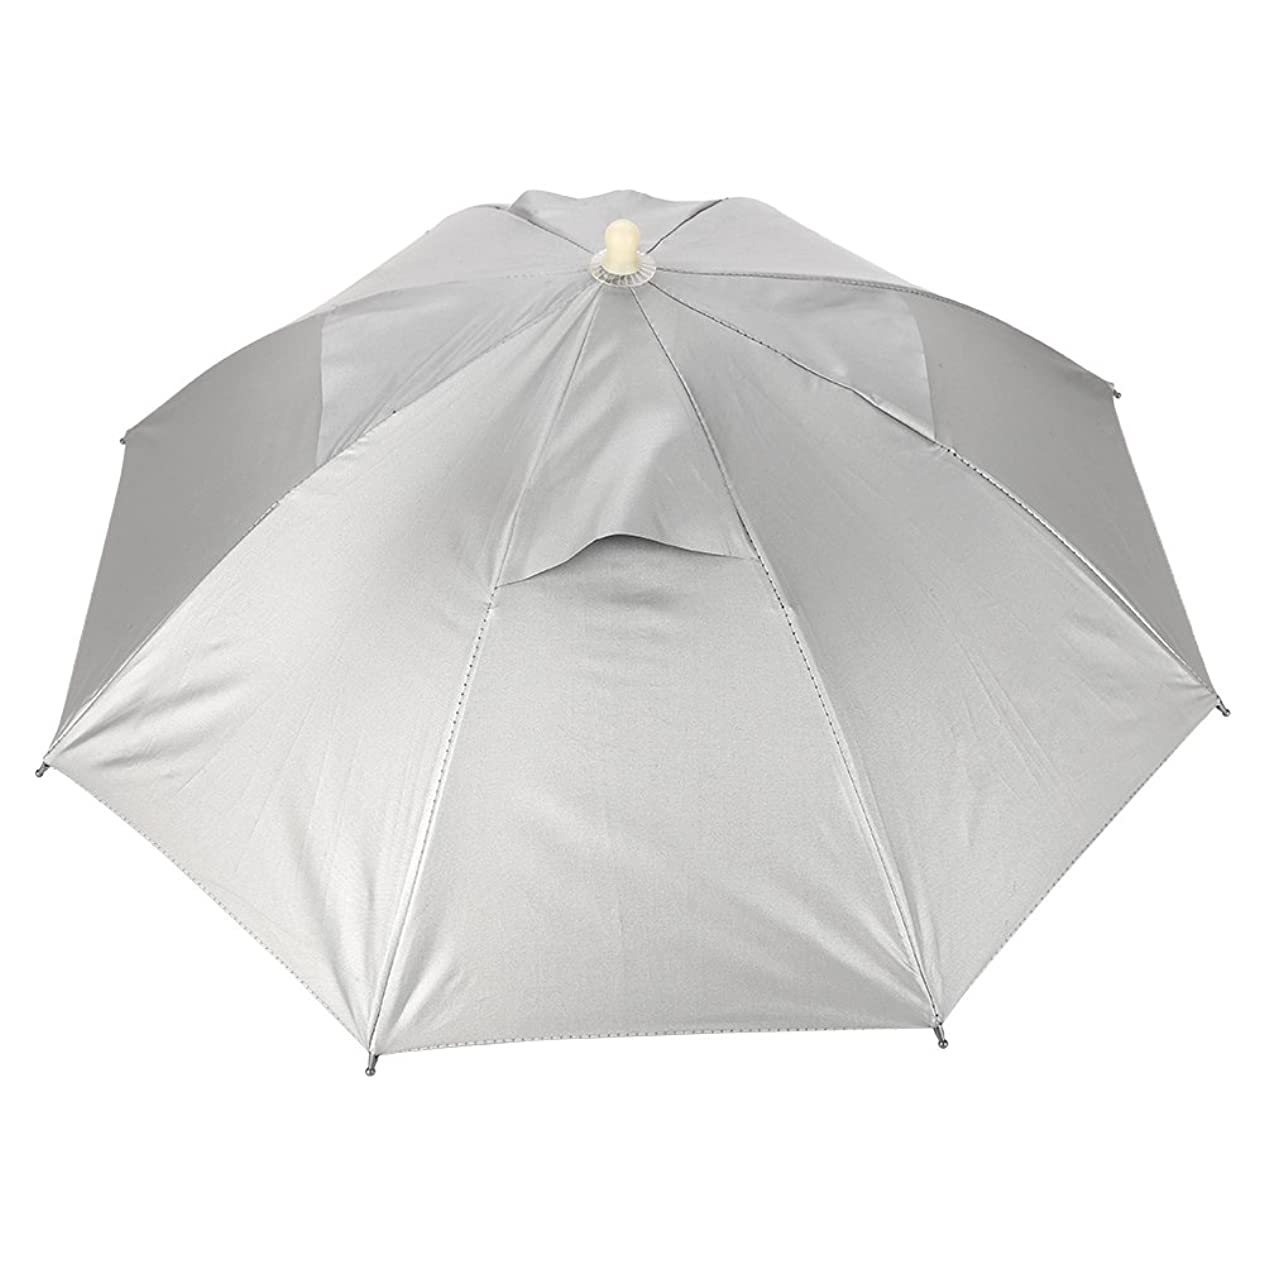 ギャング信じる酸っぱい釣り傘 傘帽子 釣り用傘 かぶる傘 両手解放可 折り畳み式 キャップ 防風 防水 UVカット フィッシング 釣傘 アウトドア